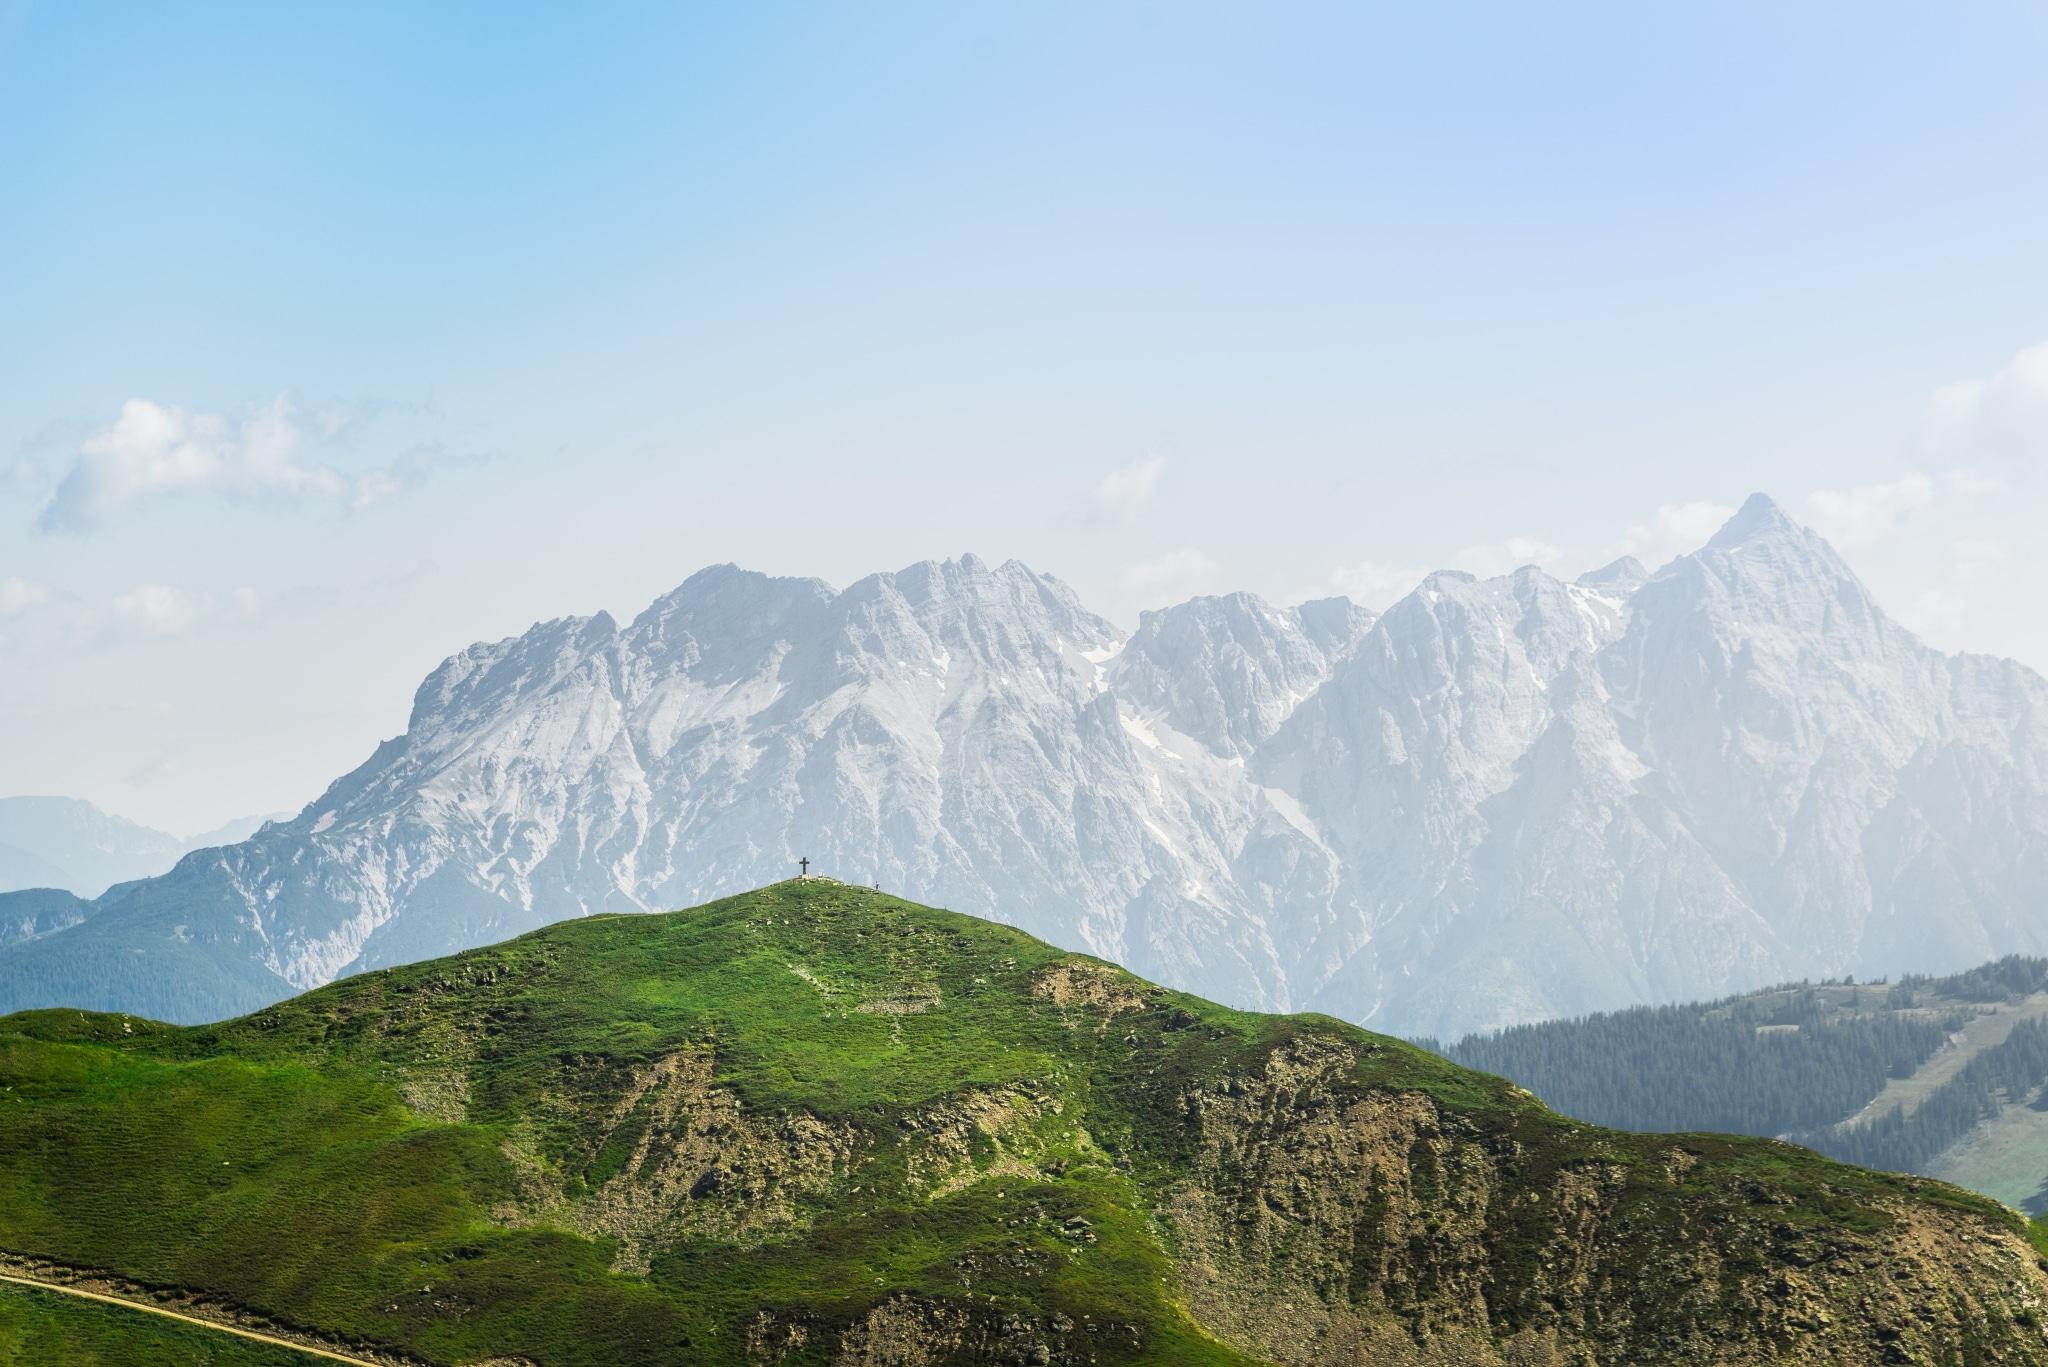 Ein grüner Berg mit Gipfelkreuz im Vordergrund und ein Bergmassiv in der Ferne.